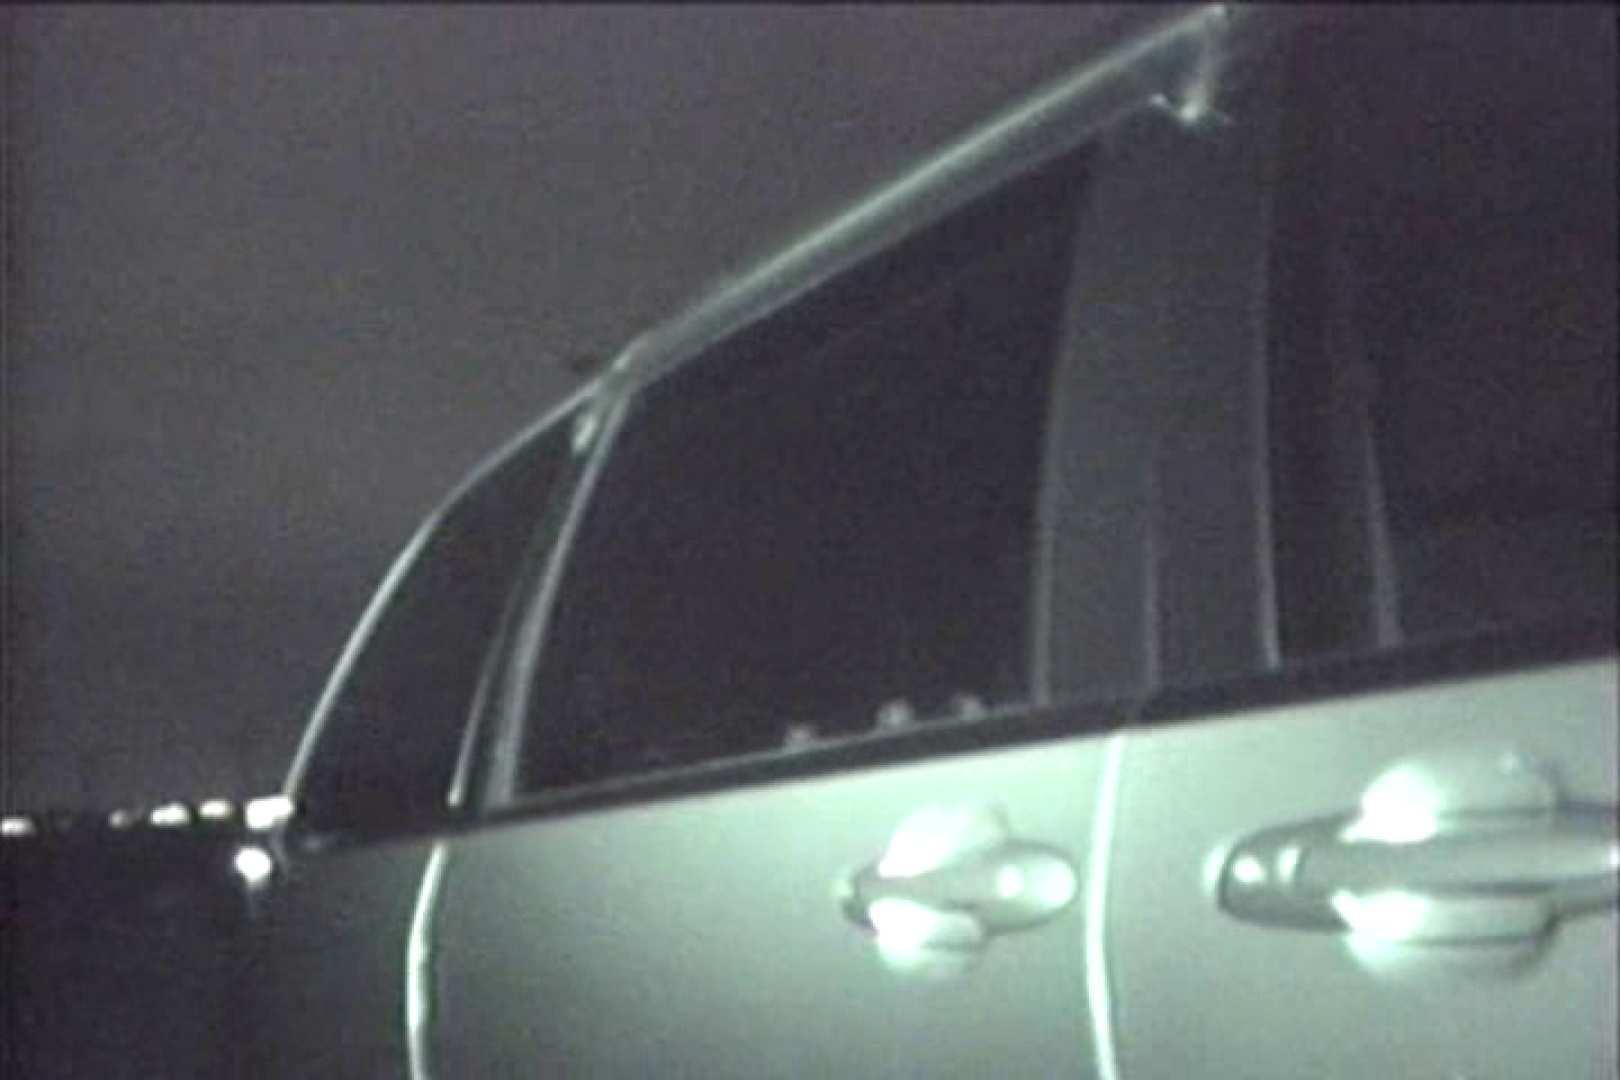 車の中はラブホテル 無修正版  Vol.18 ホテル隠し撮り オマンコ動画キャプチャ 100pic 26